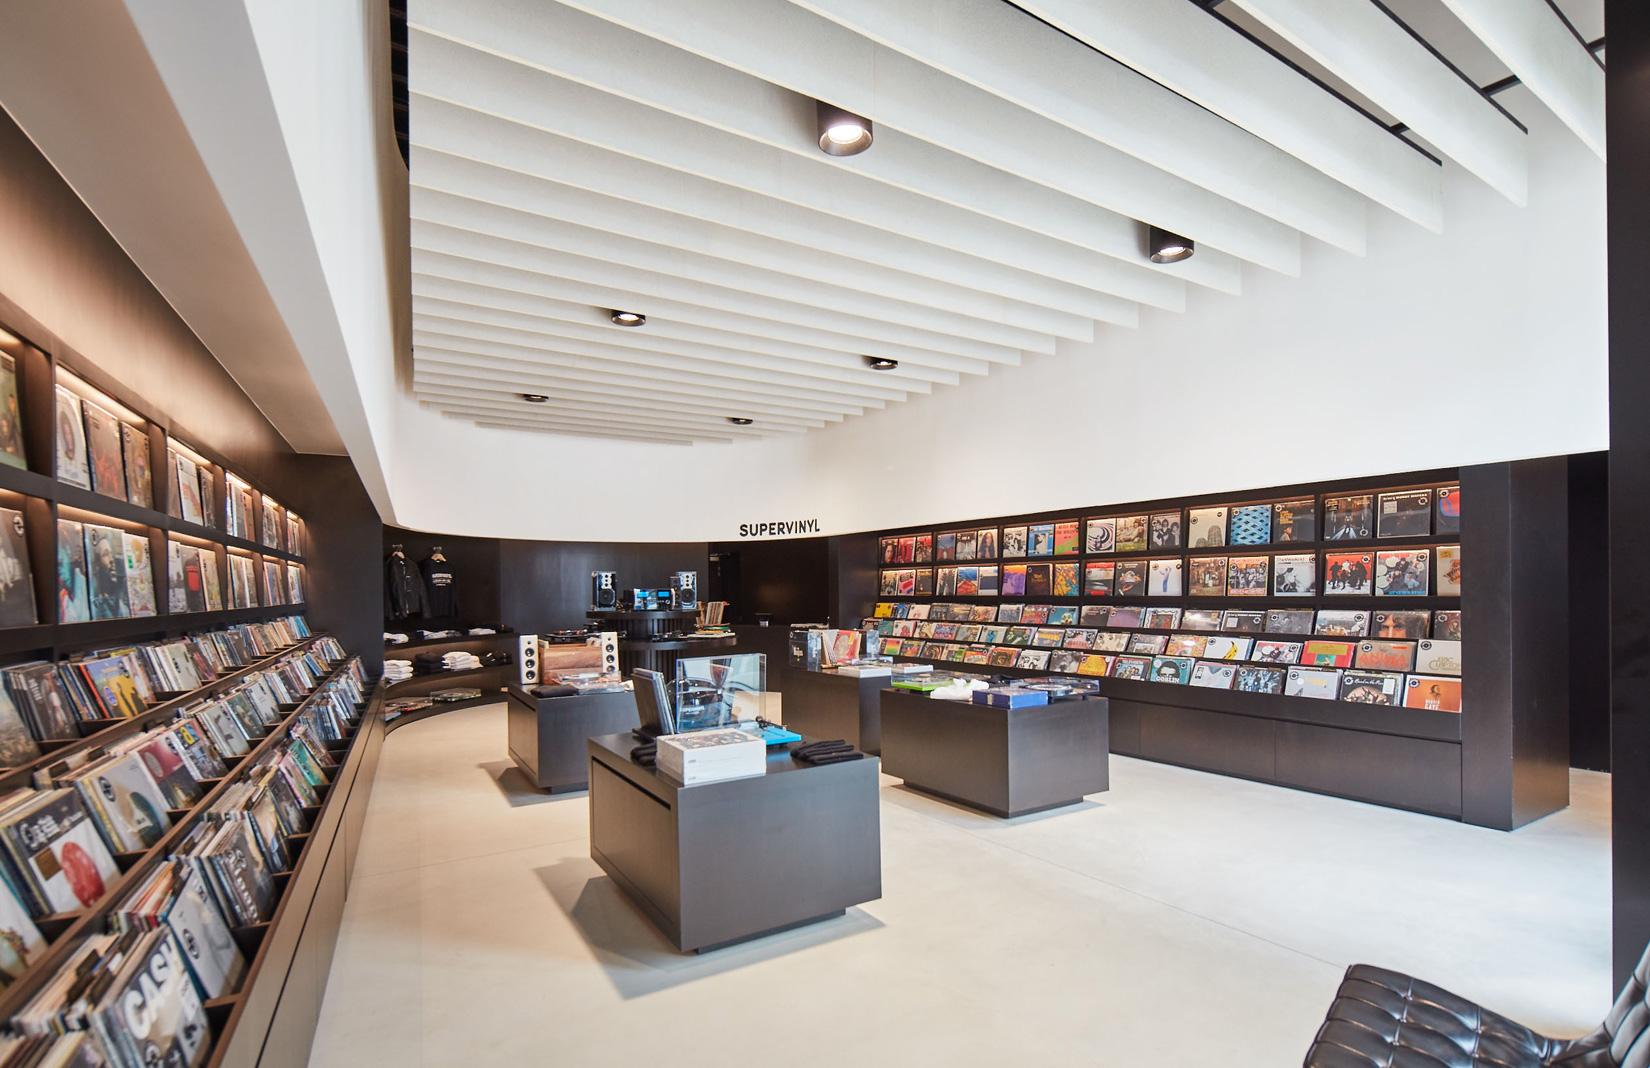 Hollywood vinyl record store Supervinyl